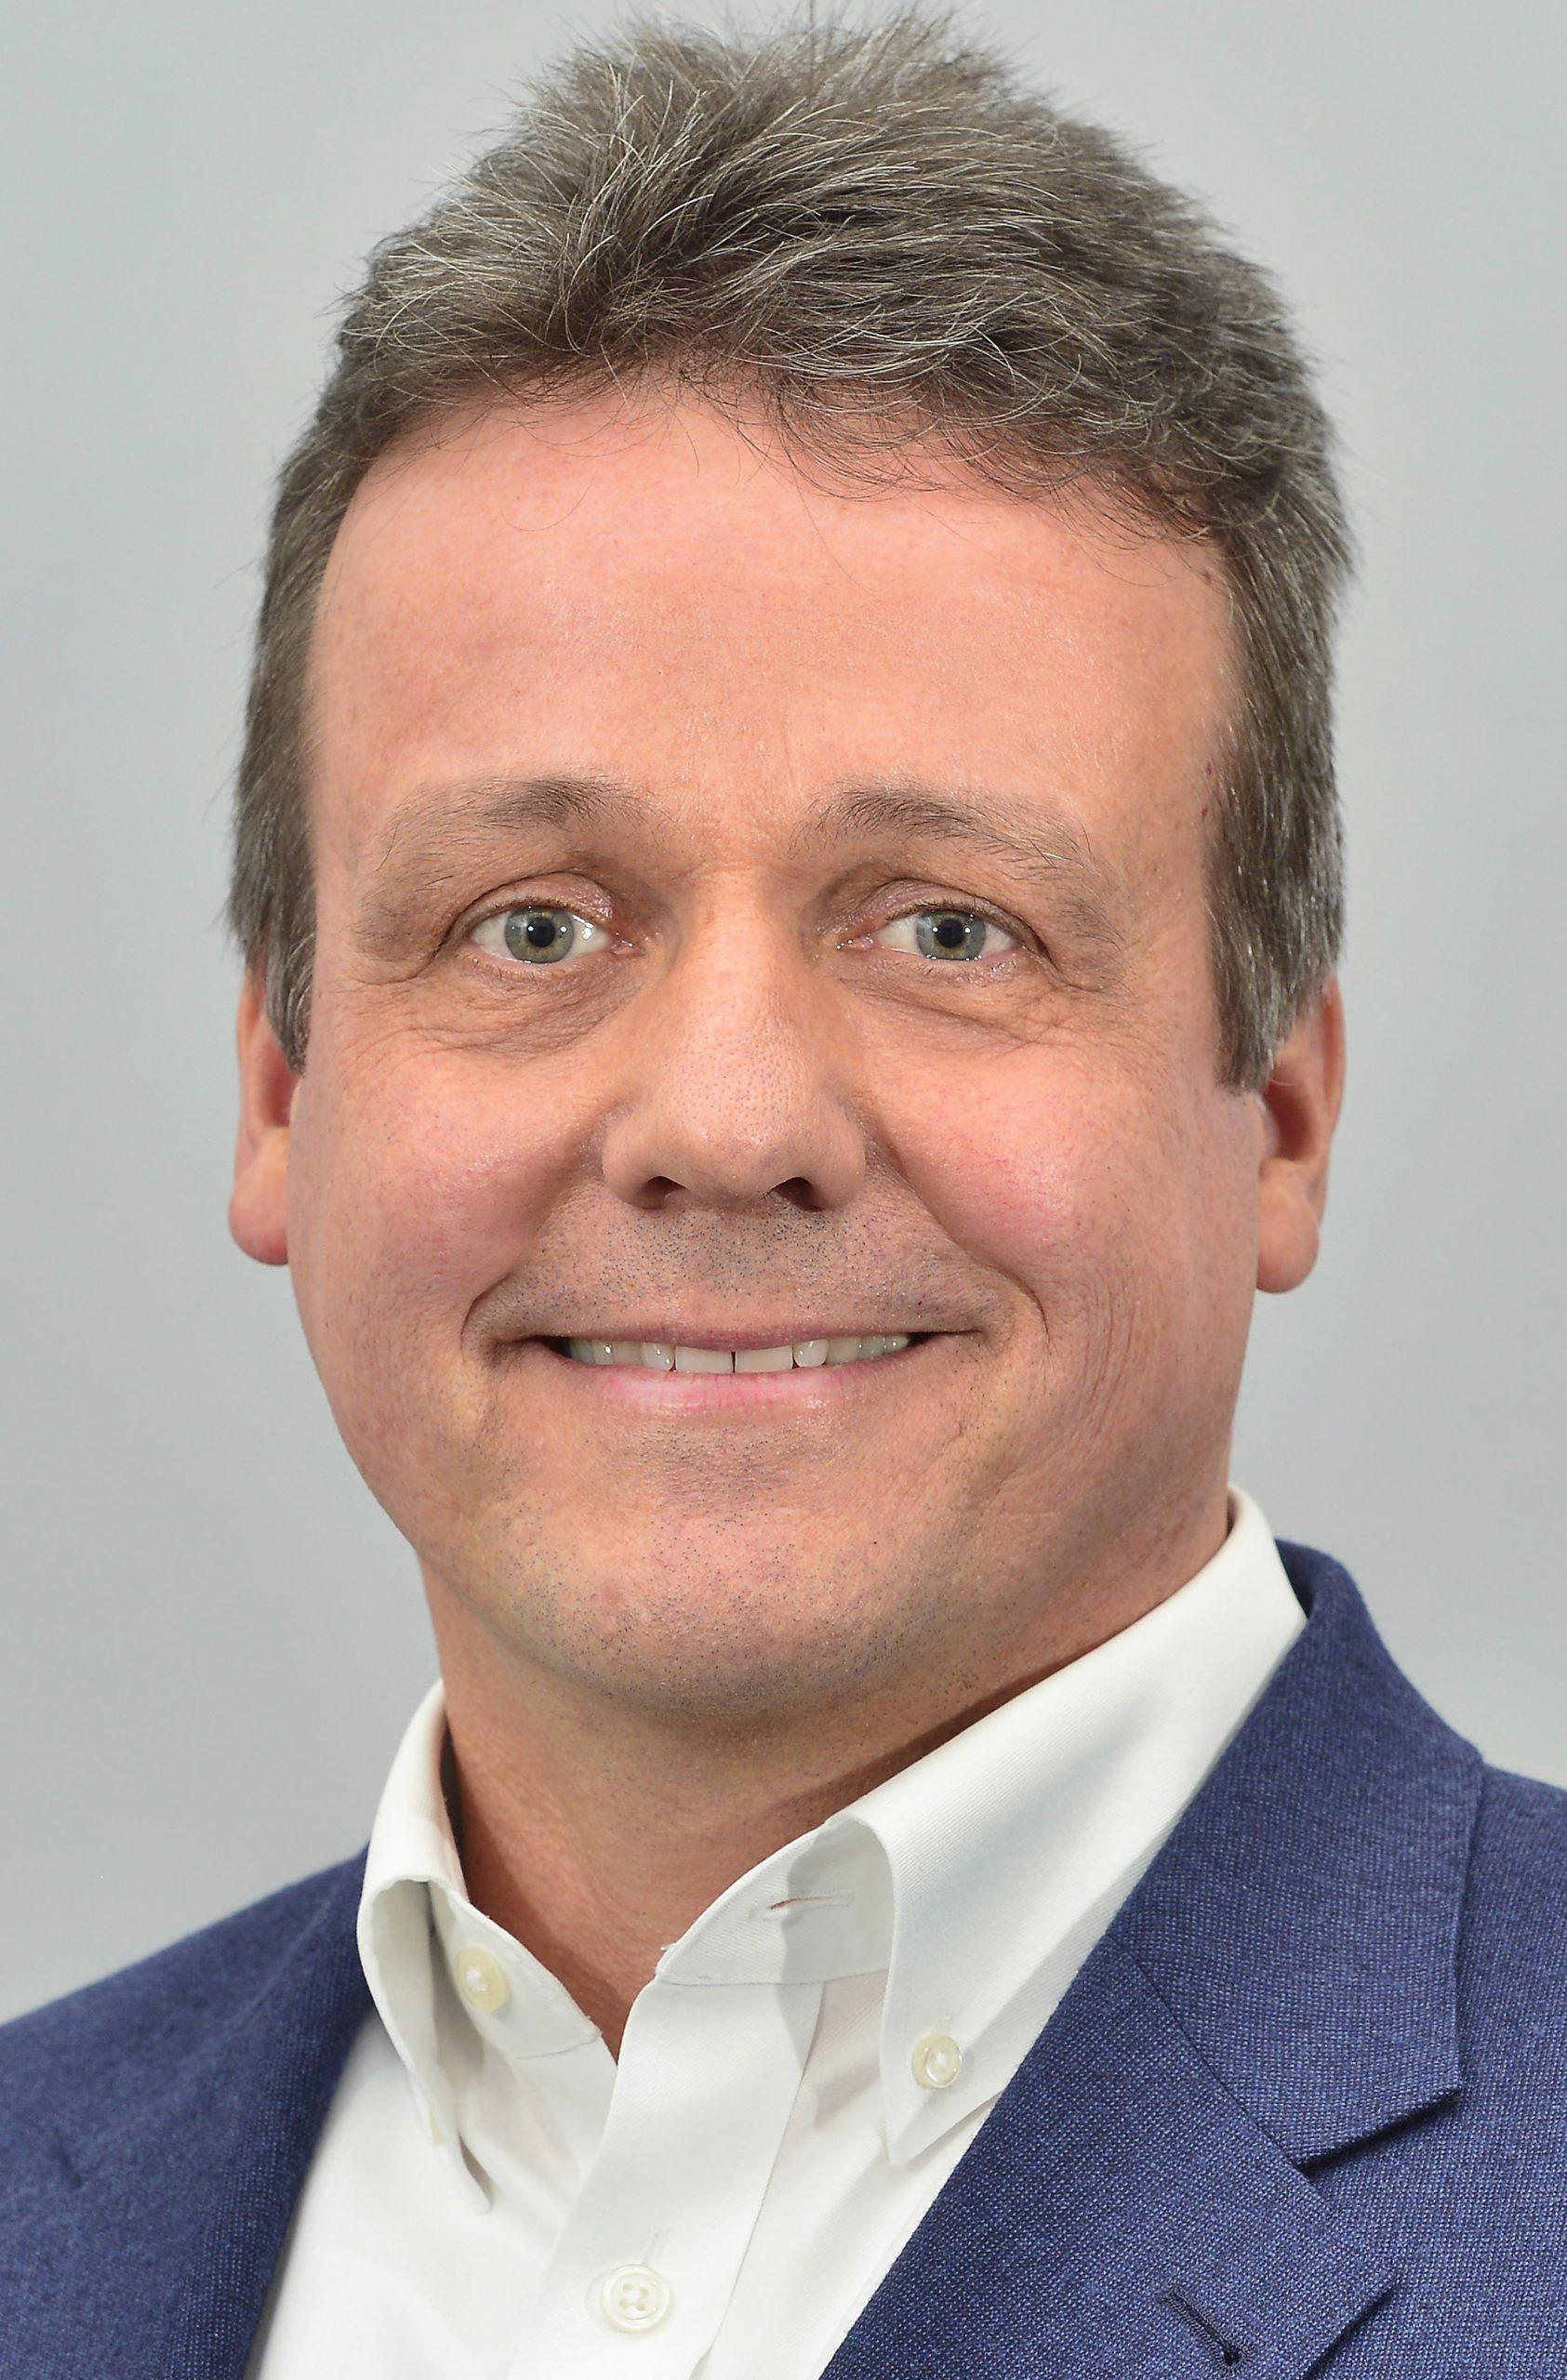 Martin Krämer, Röhm GmbH